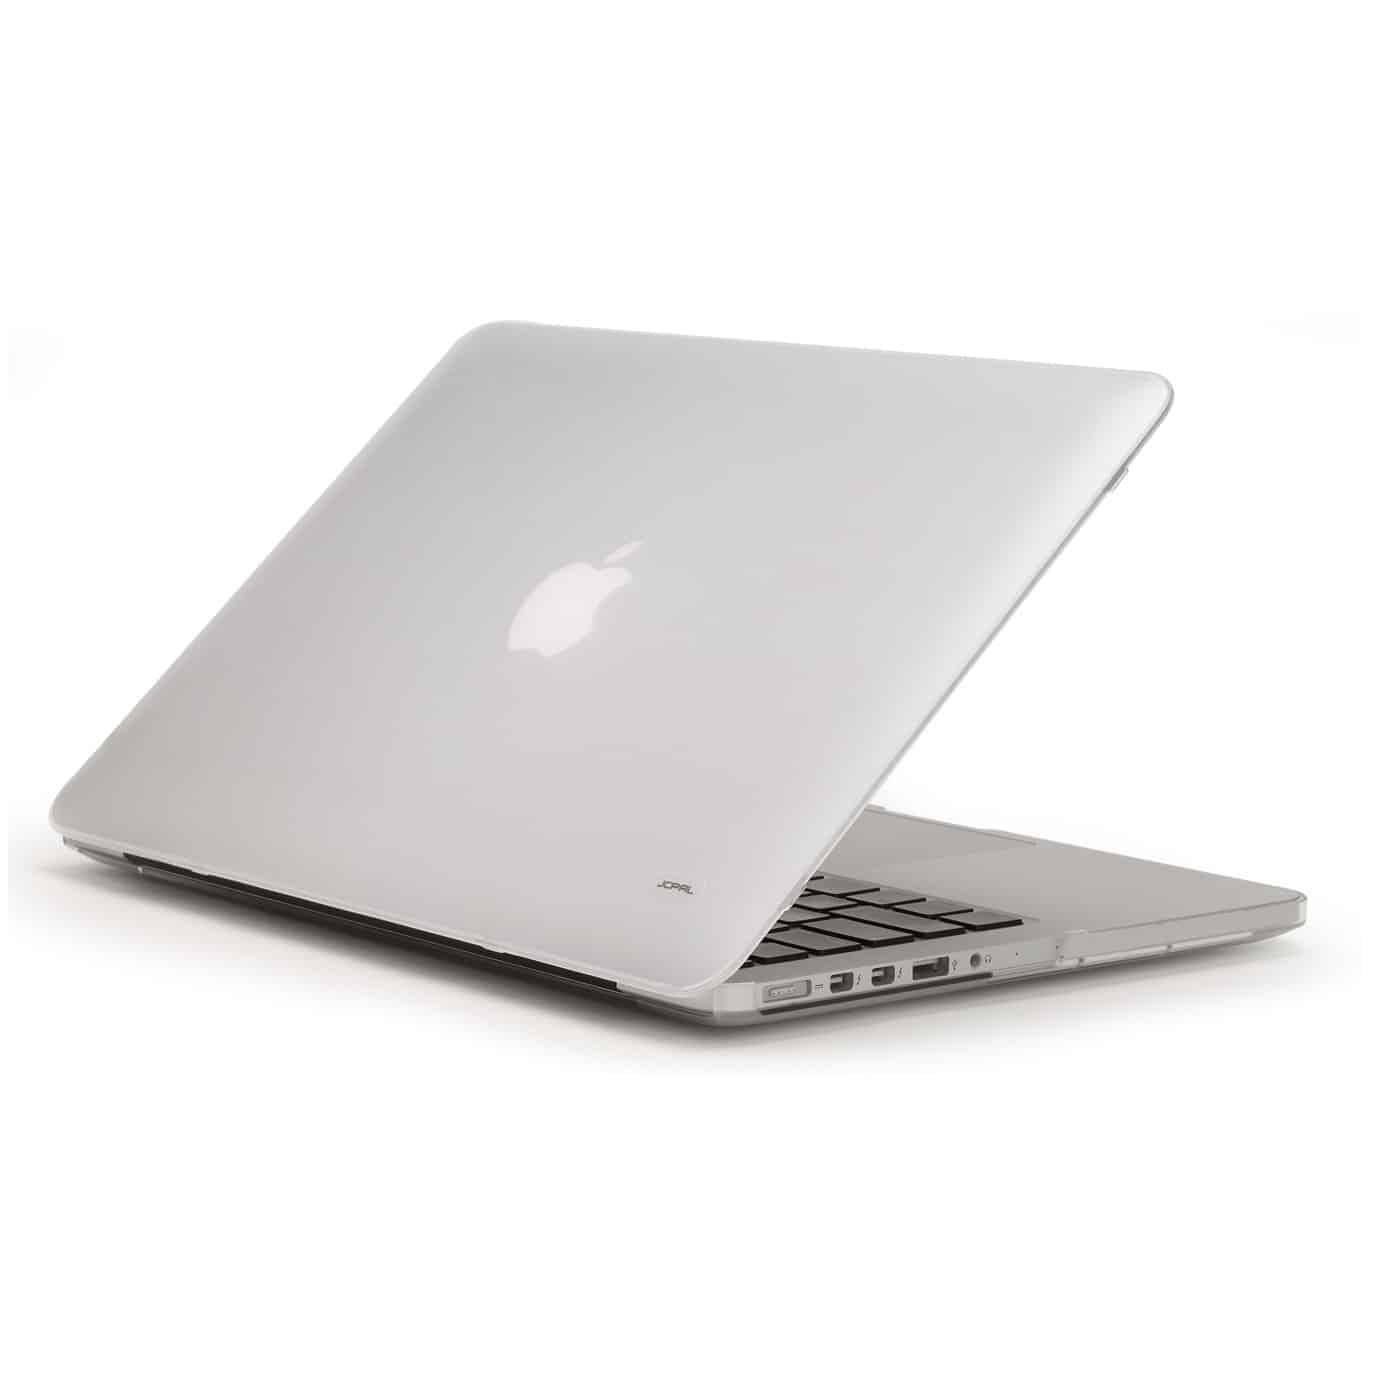 2752 - Ốp lưng MacBook Pro 15 Touch Bar JCPAL JCP2381